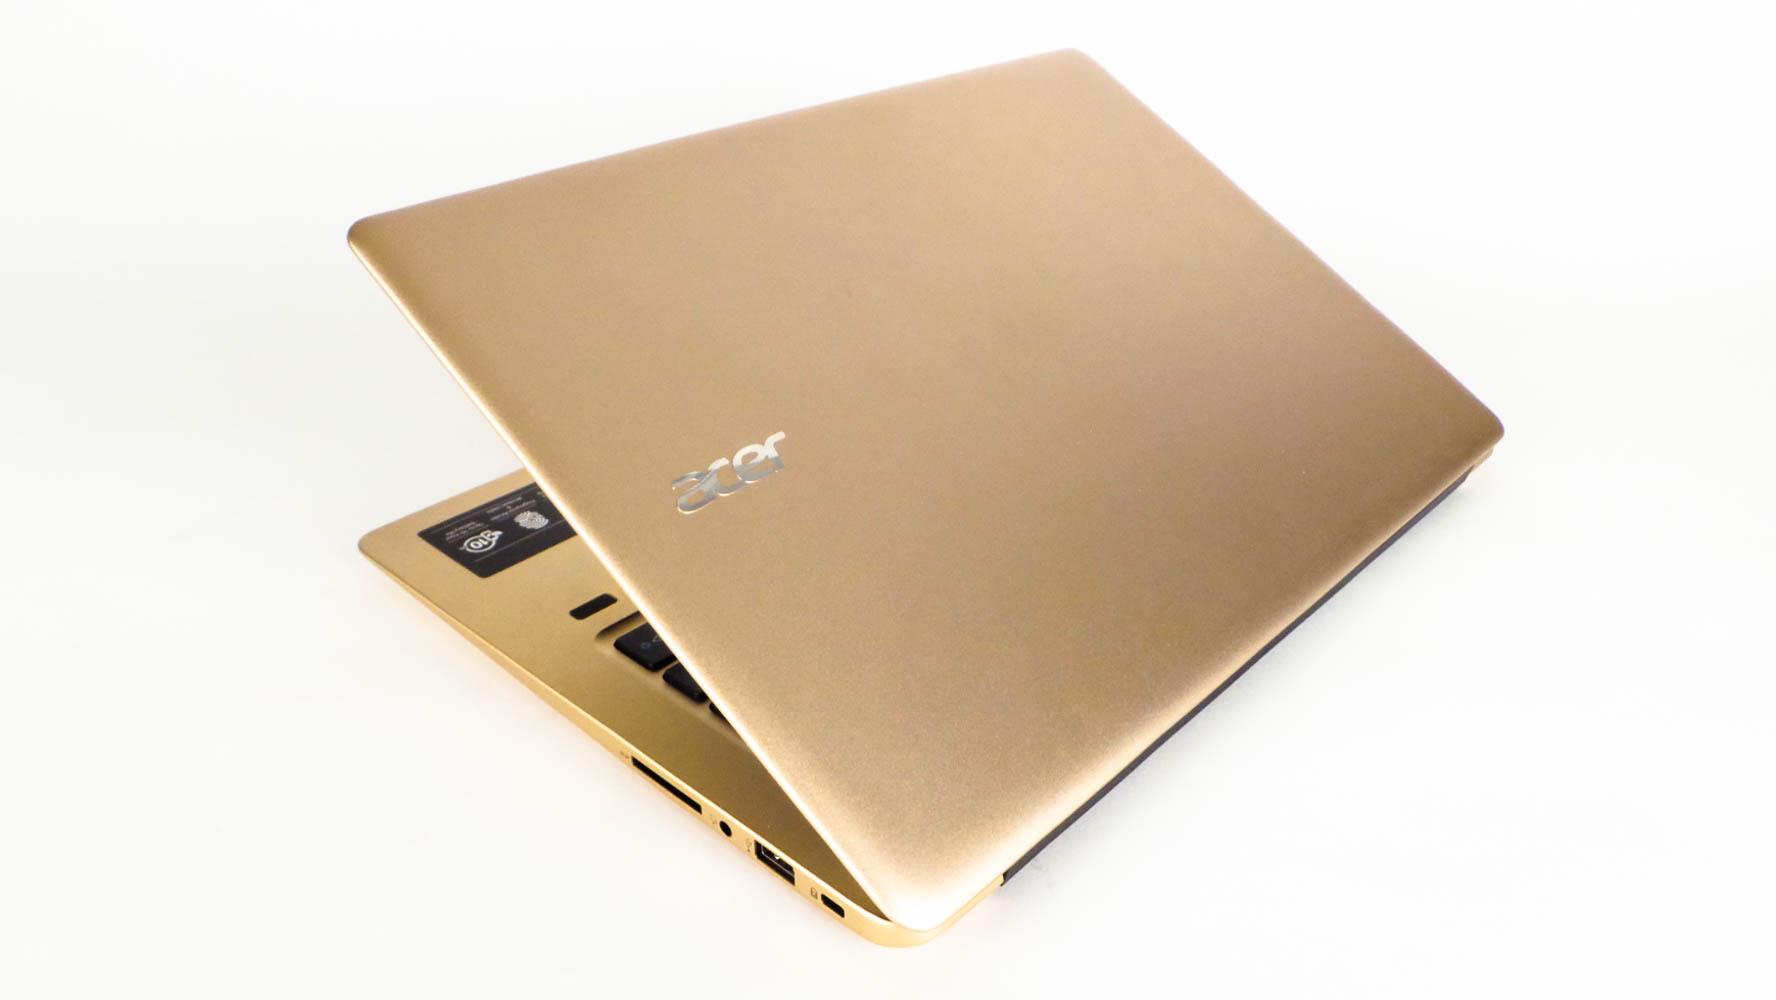 Acer Swift 3 inceleme: yetenekli bir çok yönlü 1